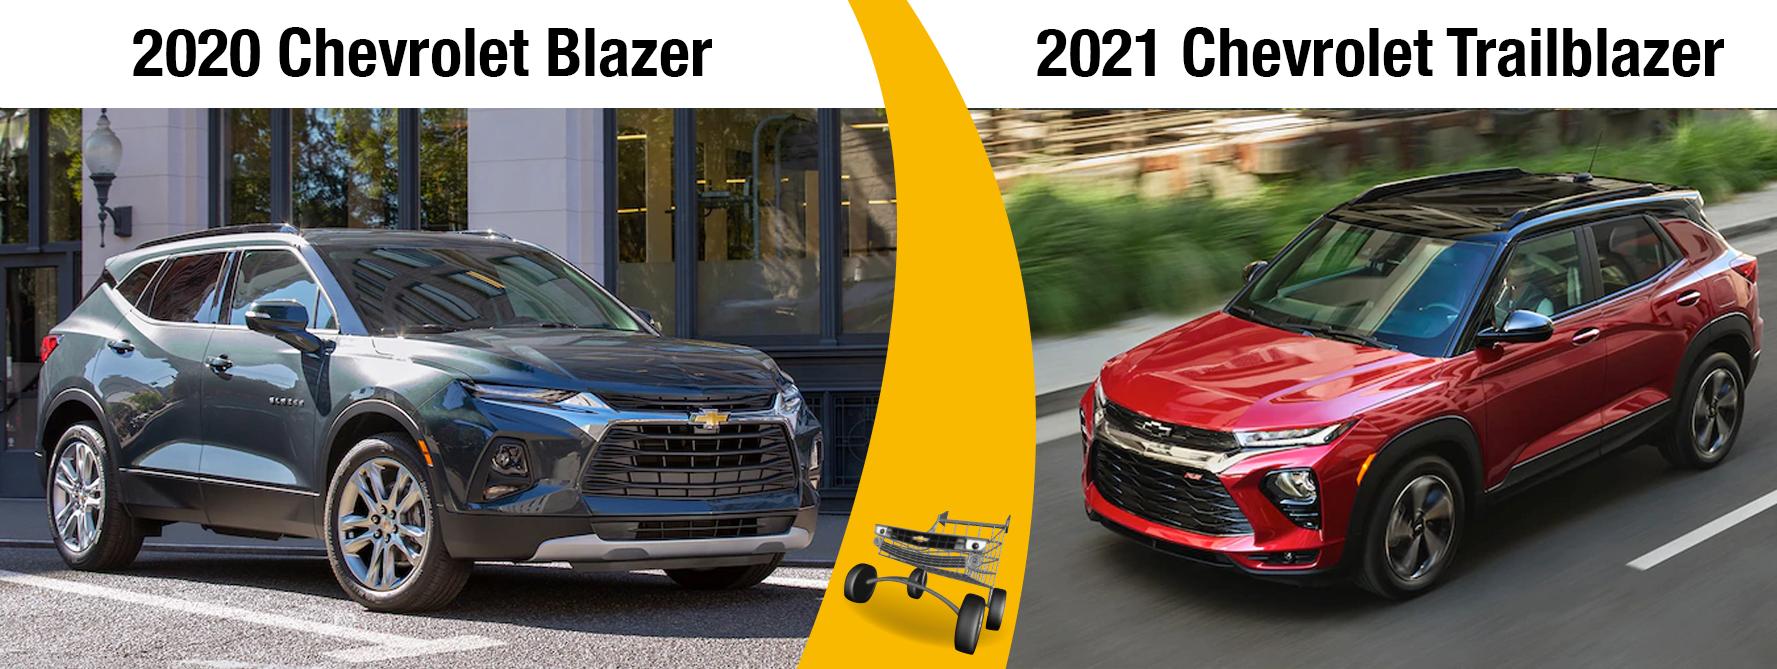 Chevrolet of Homewood All-New 2021 Chevrolet Trailblazer